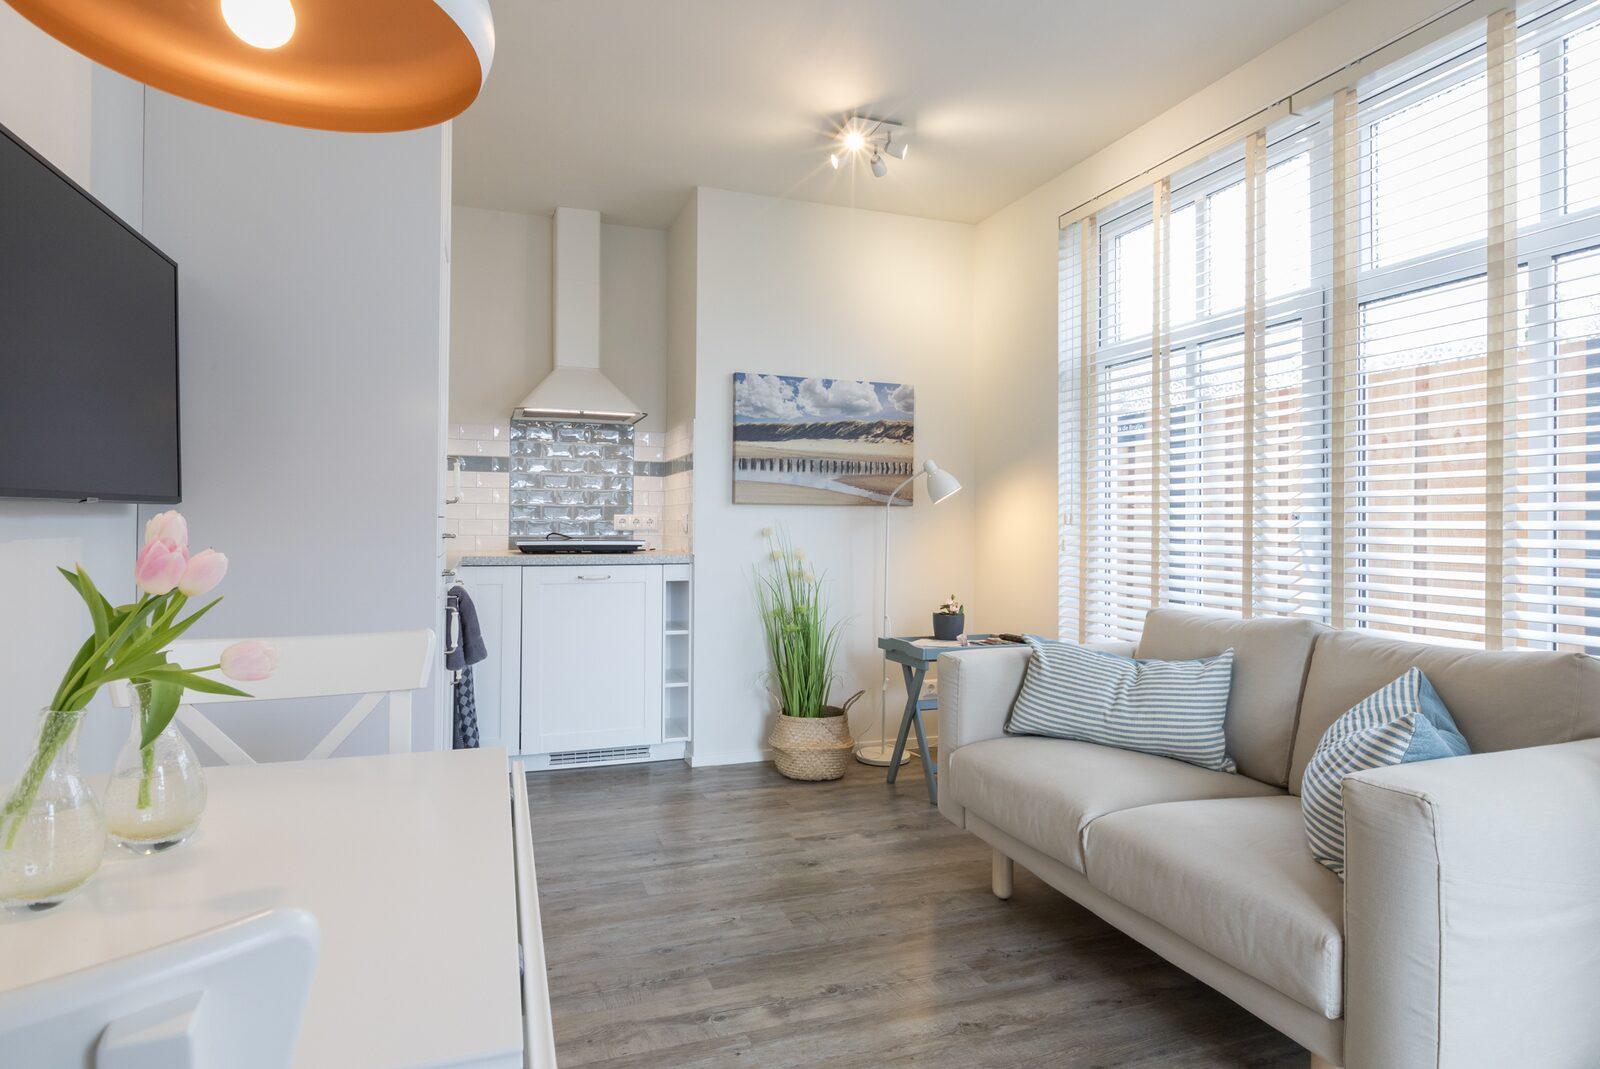 Ferienhaus für 2 Personen ca 34 m² in Oostkapelle Zeeland Küste von Zeeland